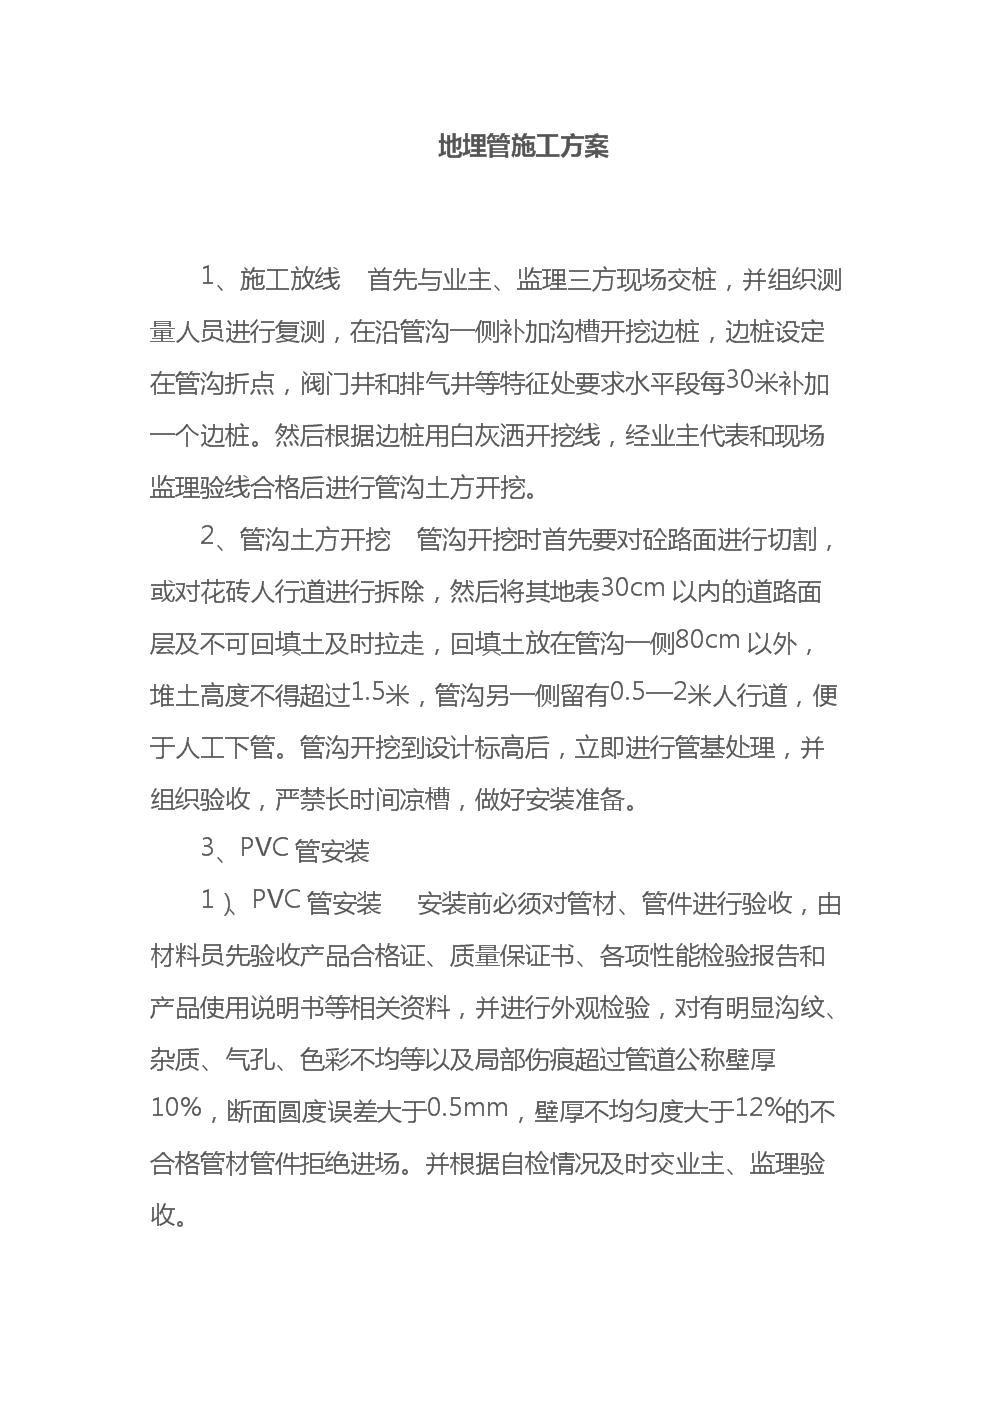 地埋管施工方案(精选).doc